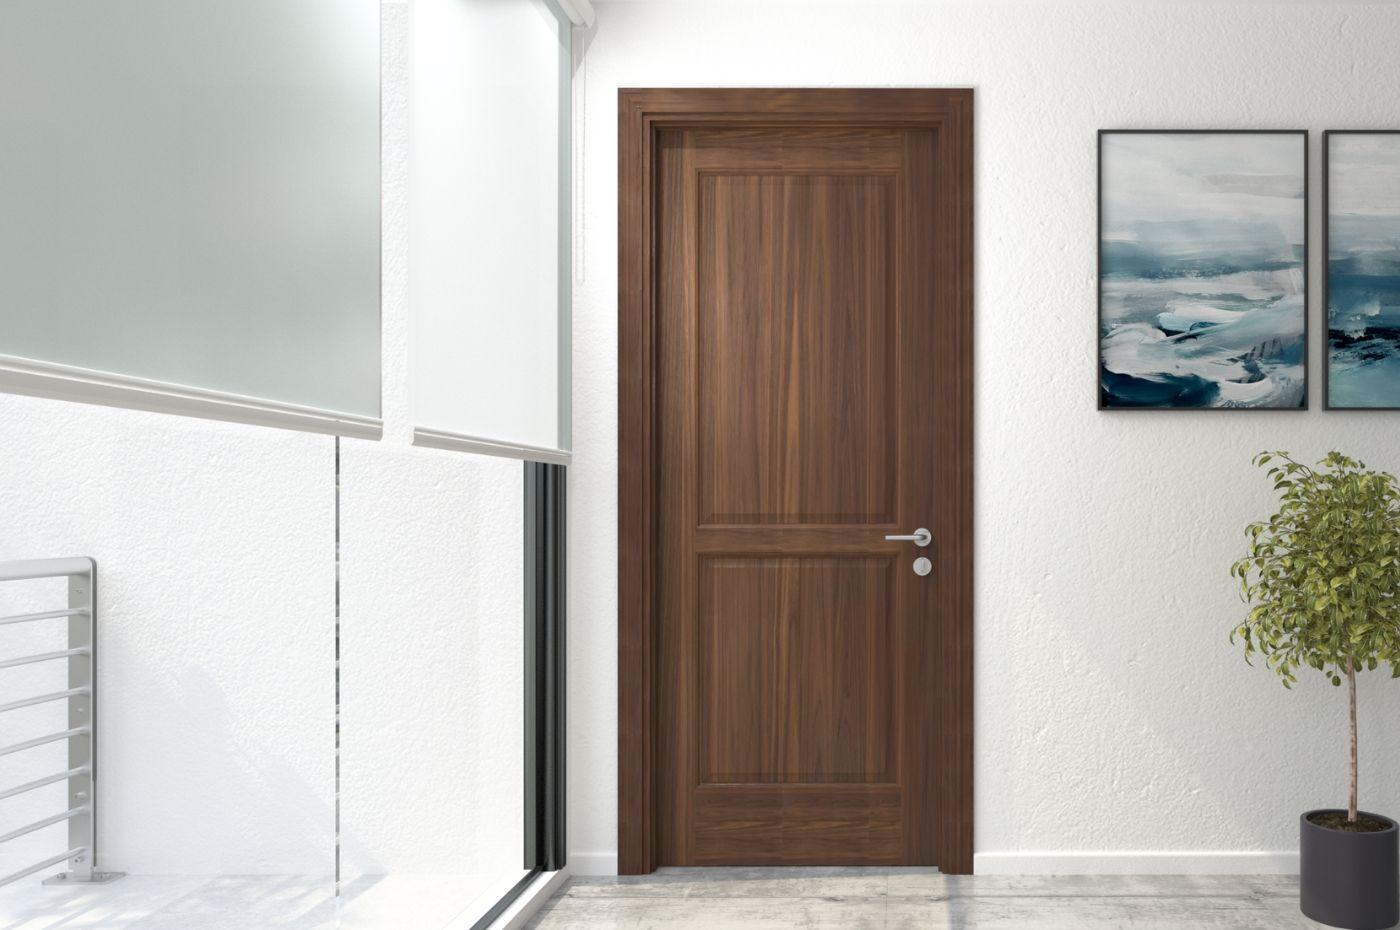 Có nên chọn cửa gỗ Nam Phi hay không?